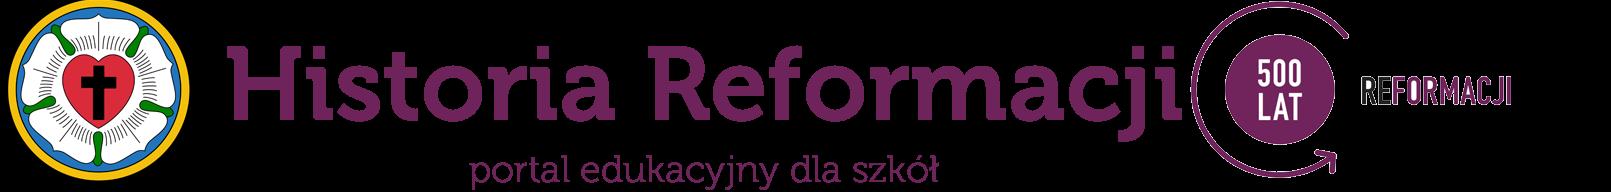 Historia Reformacji